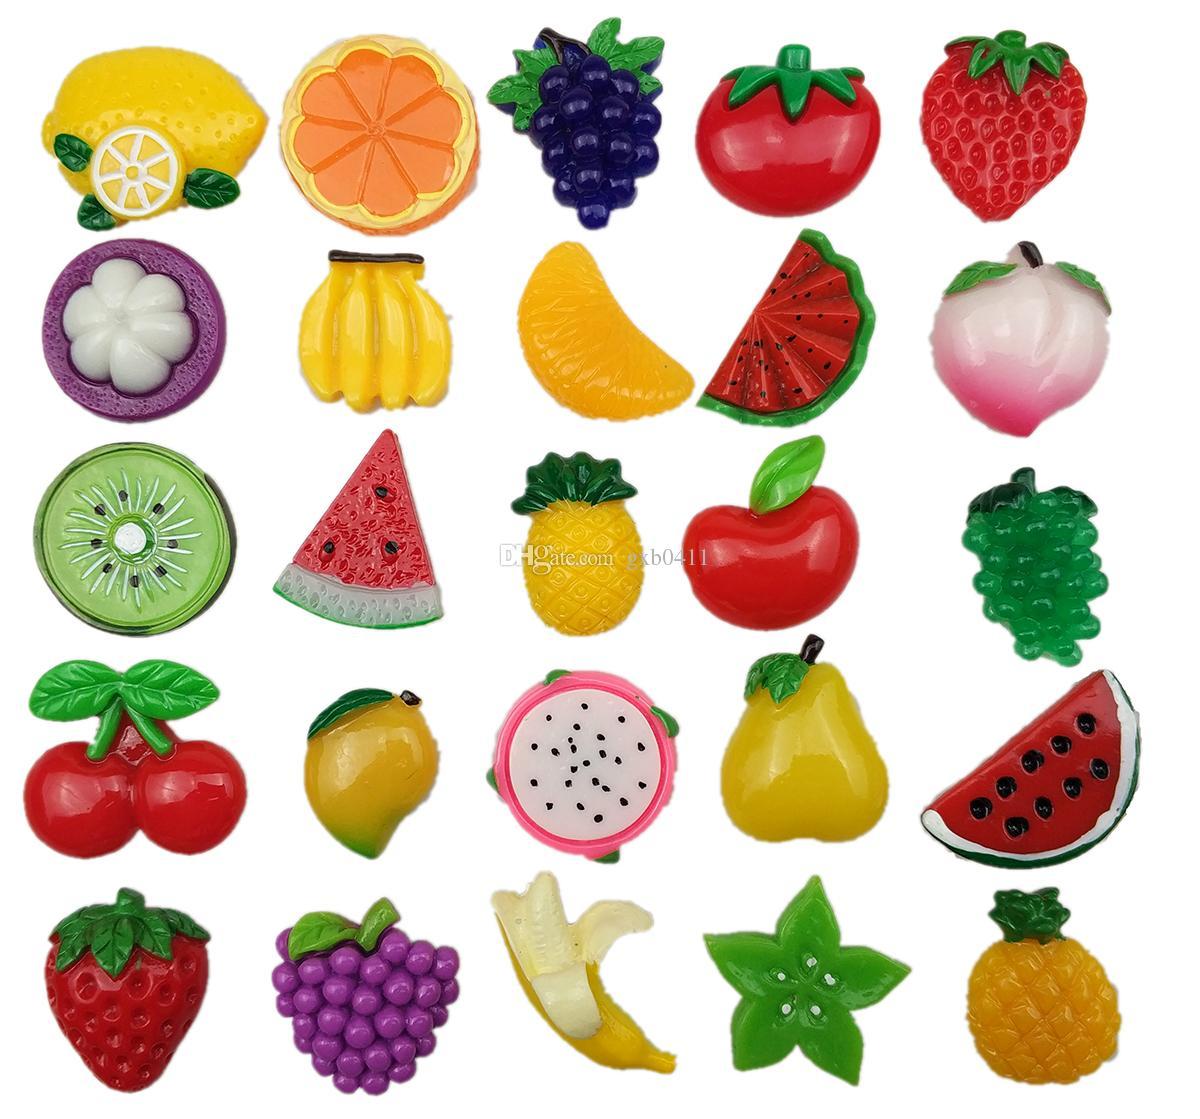 الفاكهة الإبداعية قوي النيوديميوم مغناطيس الثلاجة للثلاجة المنزل الديكور مغناطيس صور مكتب السبورة السبورة رسالة